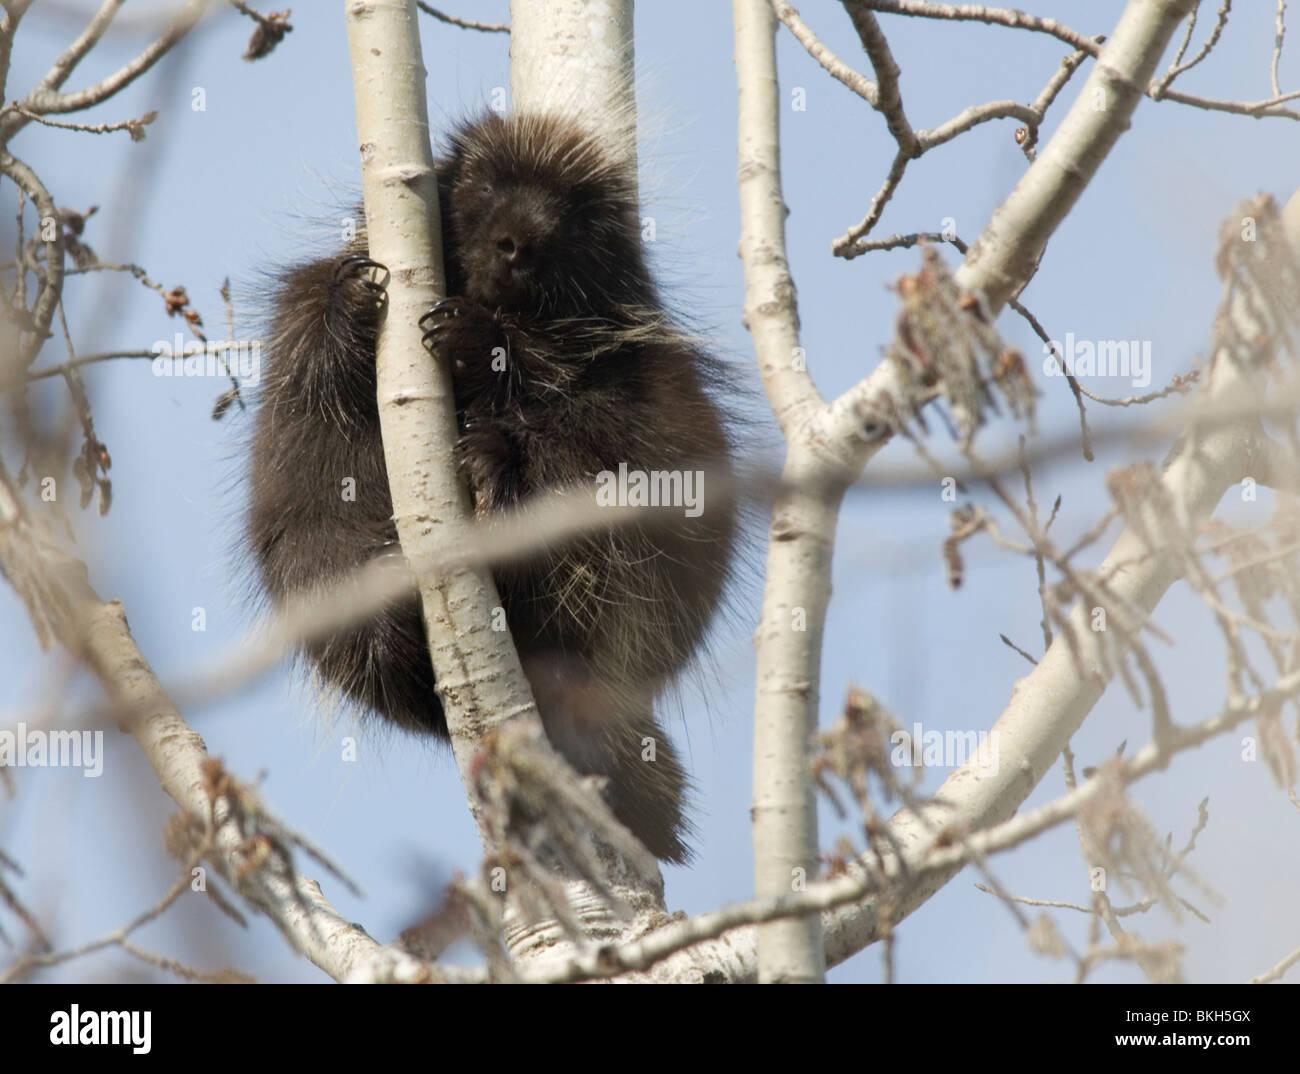 Een Noord-Amerikaans Stekelvarken zittend in een boom,A Pocupine sitting in a tree. Stock Photo